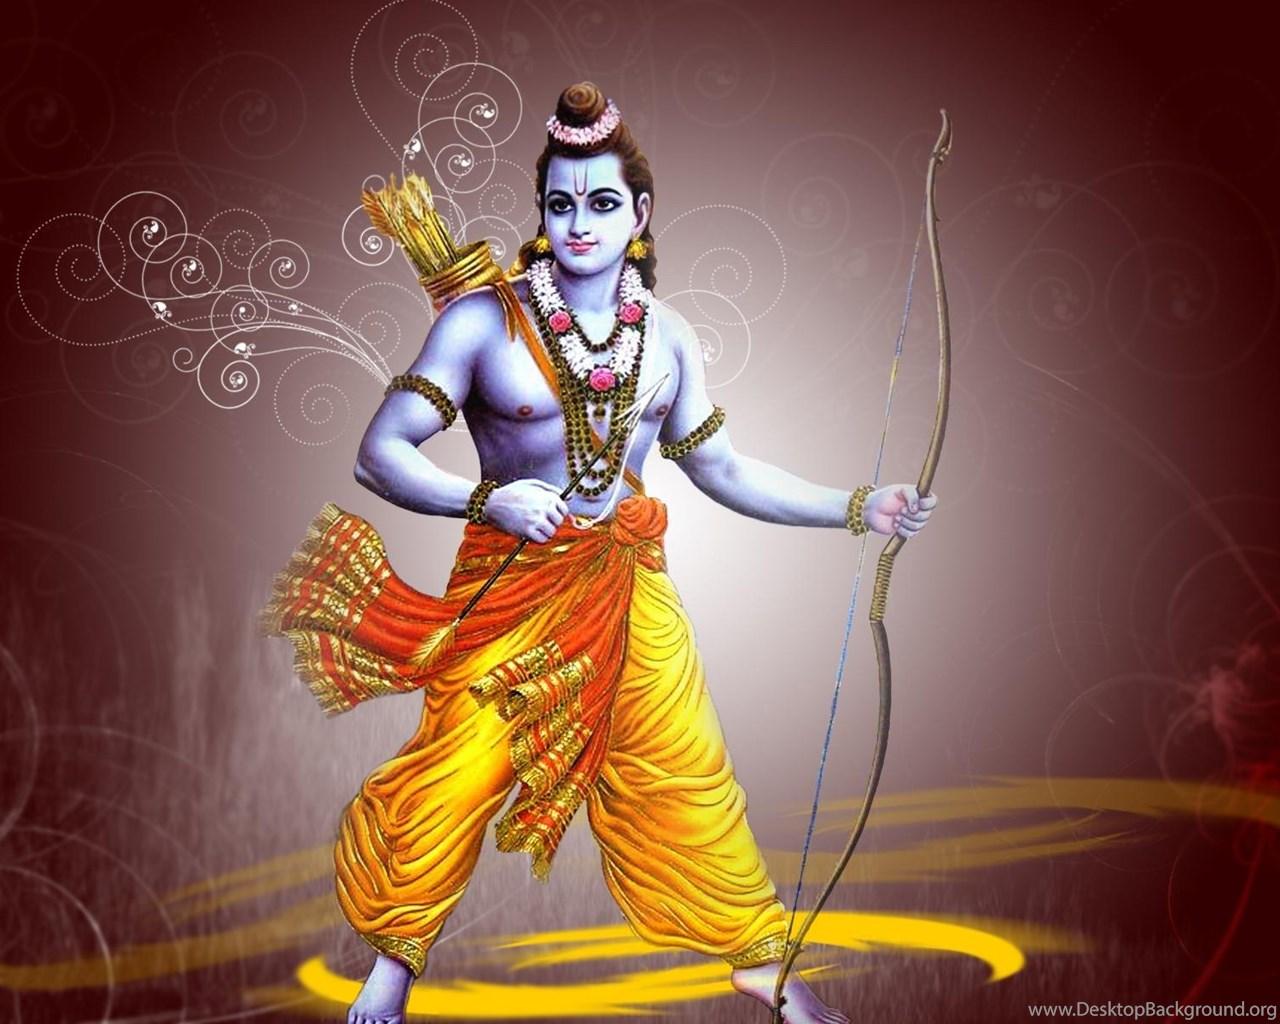 jai sri ram hindu god hd beautiful wallpapers desktop background jai sri ram hindu god hd beautiful